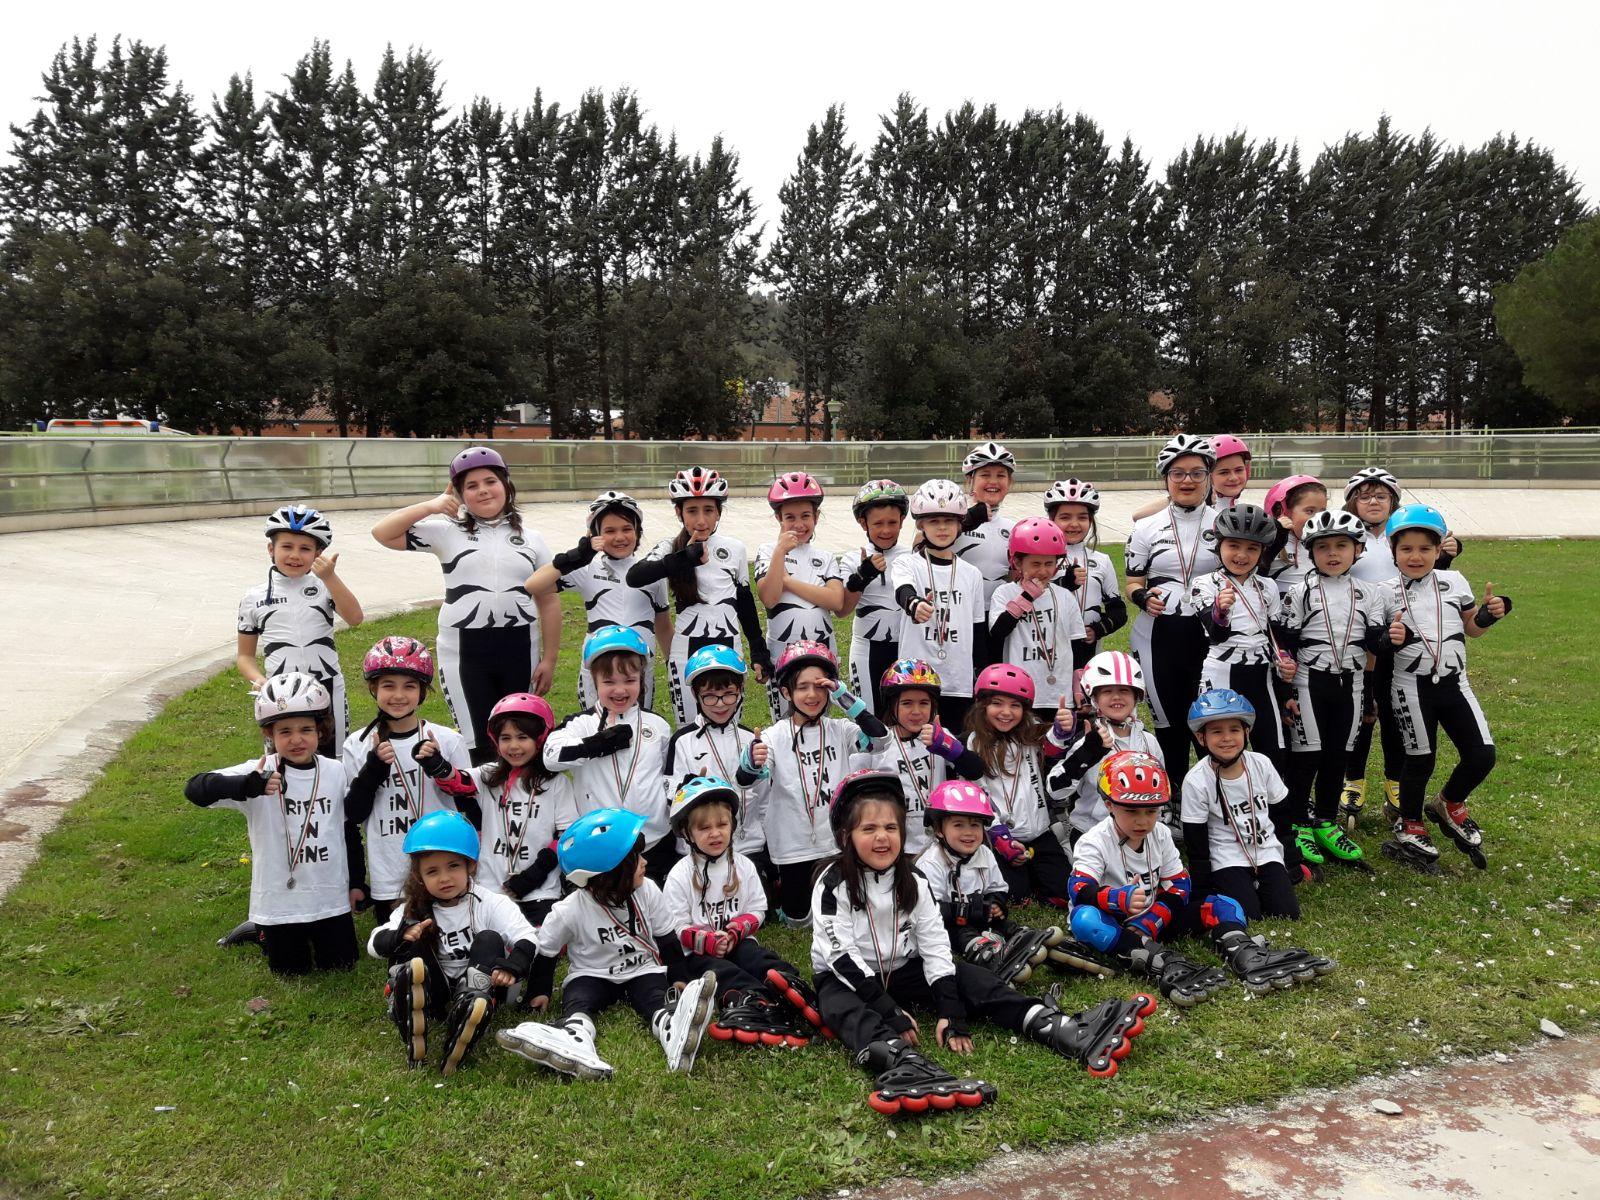 Campionati Regionali 2018 Pista Rieti Pattinaggio Corsa